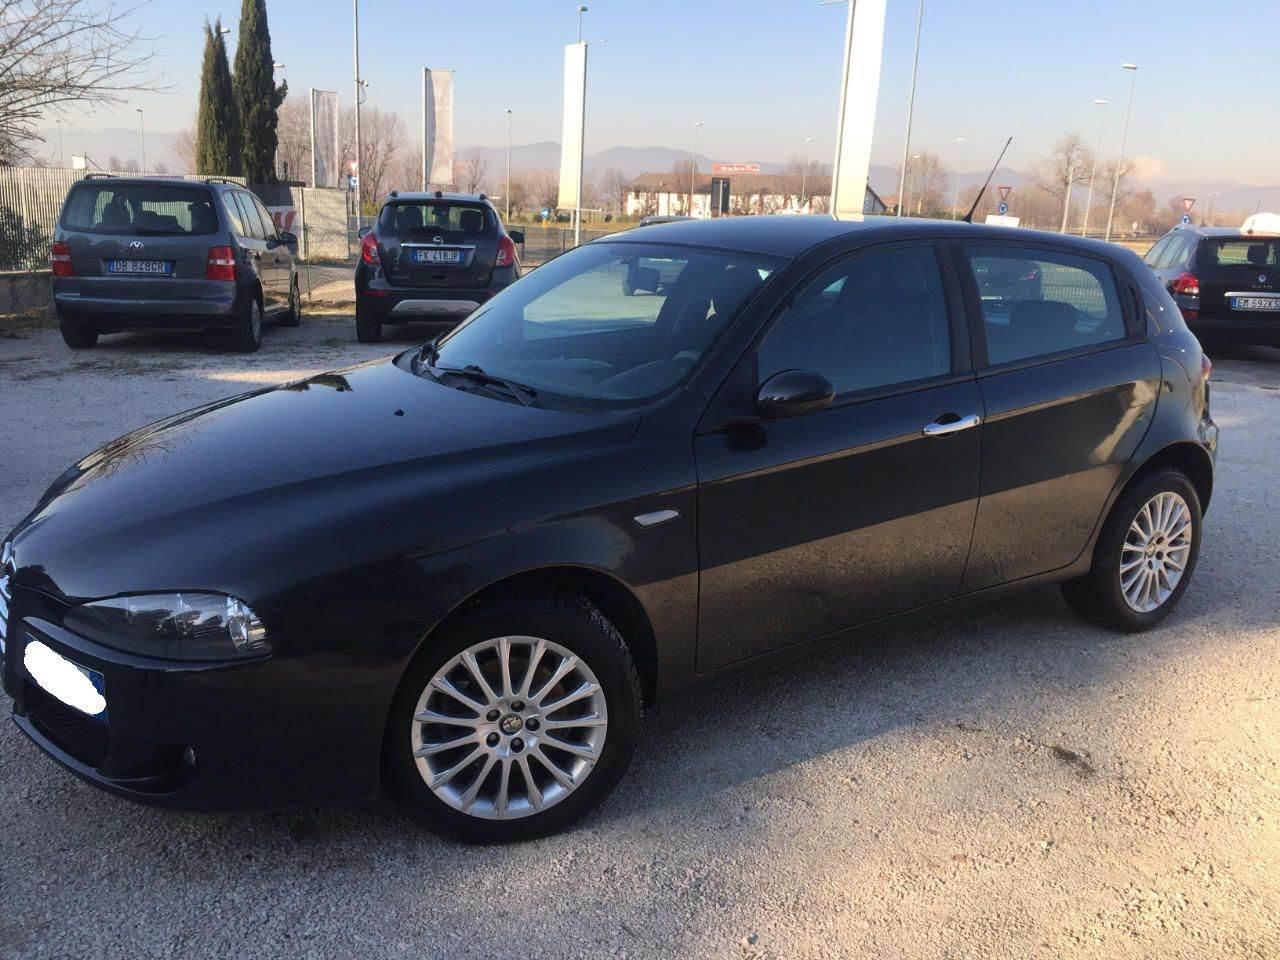 foto Alfa 147 1.6 TS 105cv Black Line Nera 2006 Verona - 2